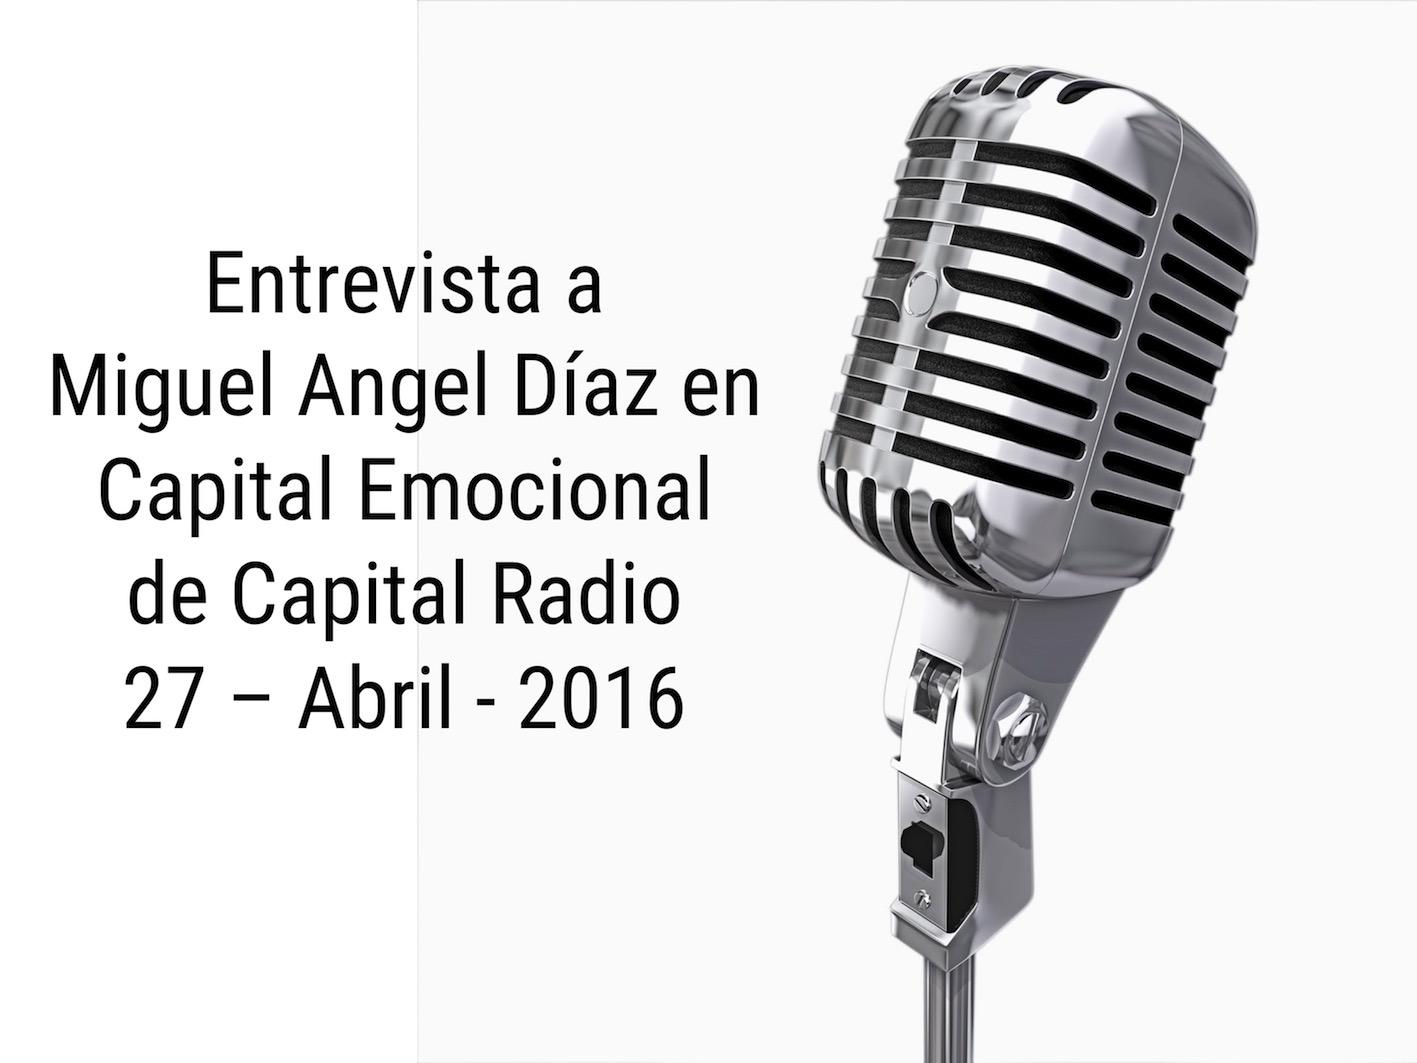 Entrevista a Miguel Angel Diaz en el programa Capital Emocional